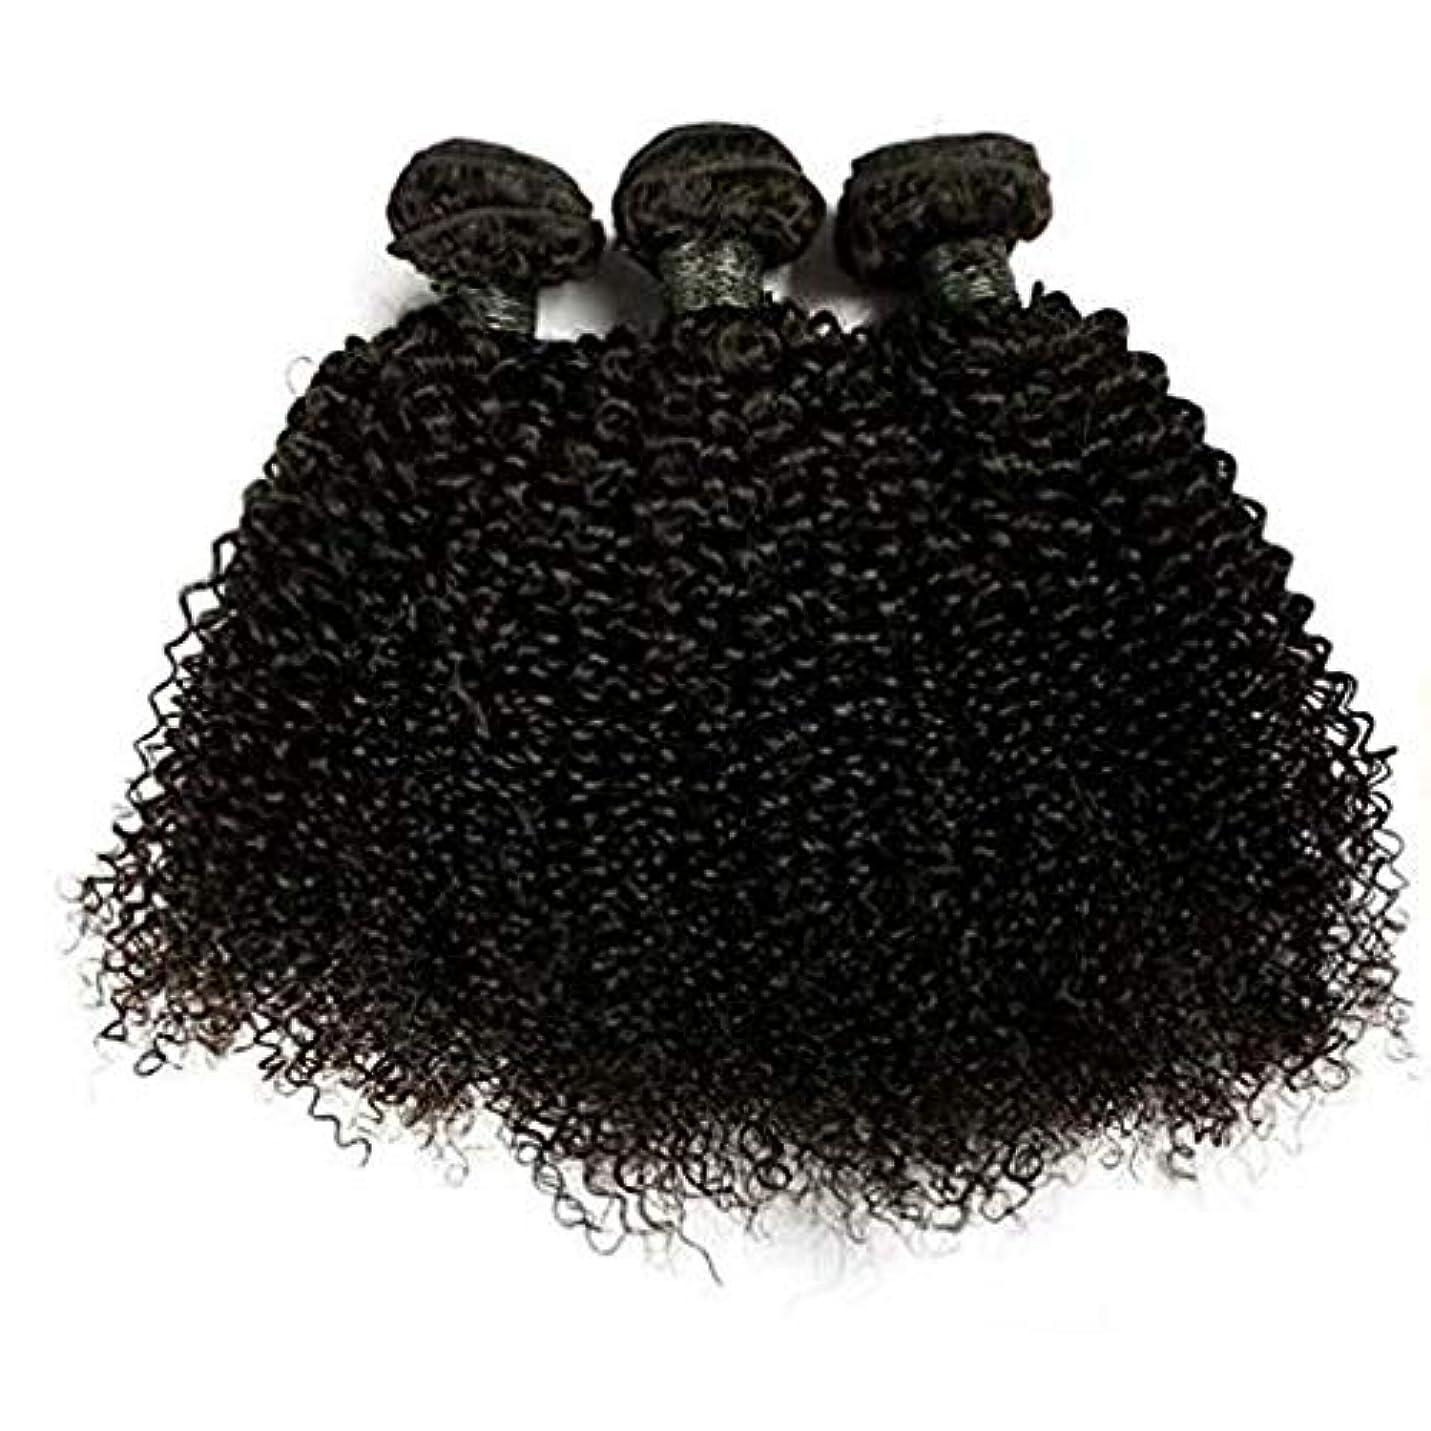 侵略ホイットニー方法論WASAIO 髪織りナッピーカーリーバージン人毛エクステンション横糸女性の12のバンドルブラジルレアルリアルな色の「-18」1つのバンドル (色 : 黒, サイズ : 12 inch)